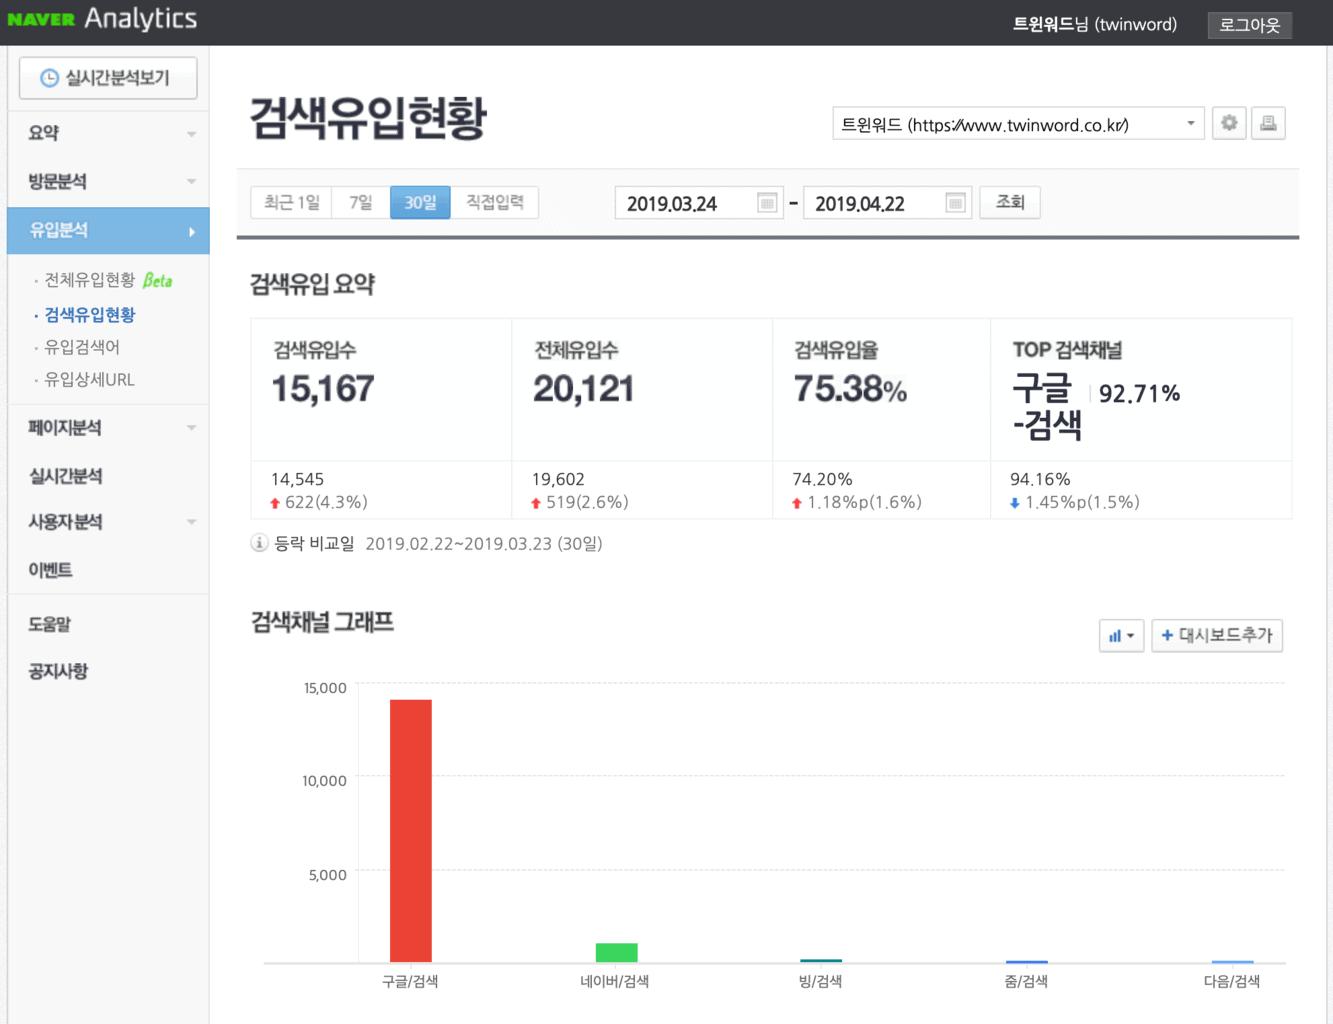 네이어 애널리틱스 검색유입현황